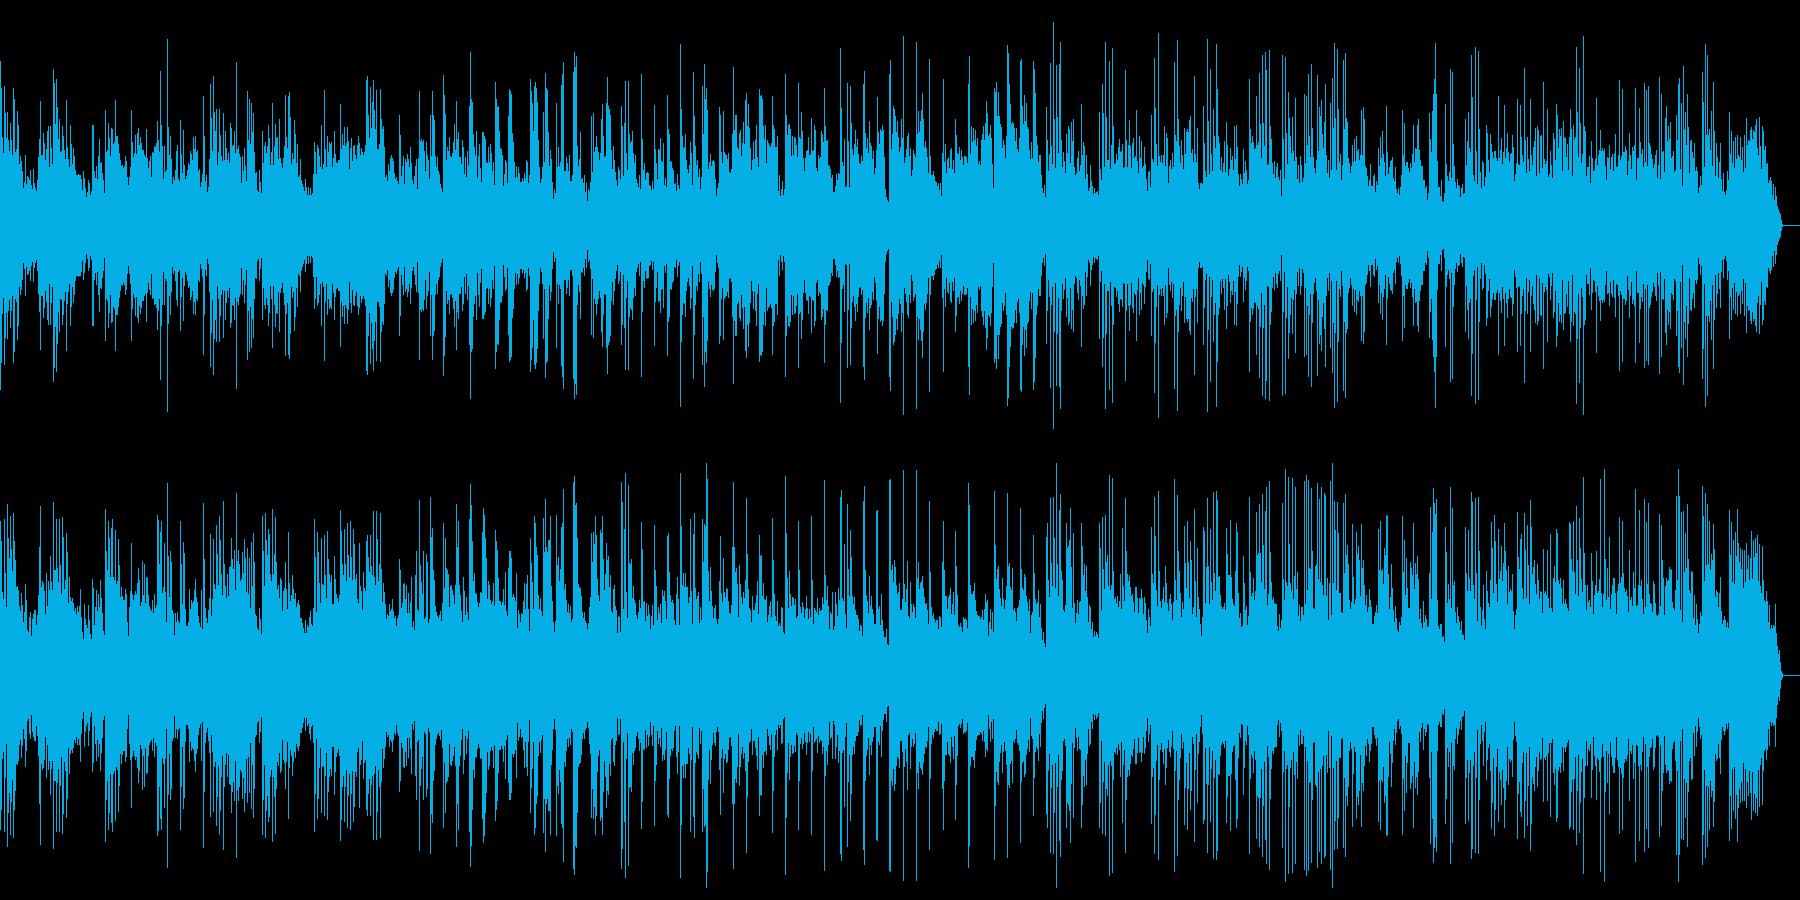 しっとりと穏やかなピアノバラードの再生済みの波形